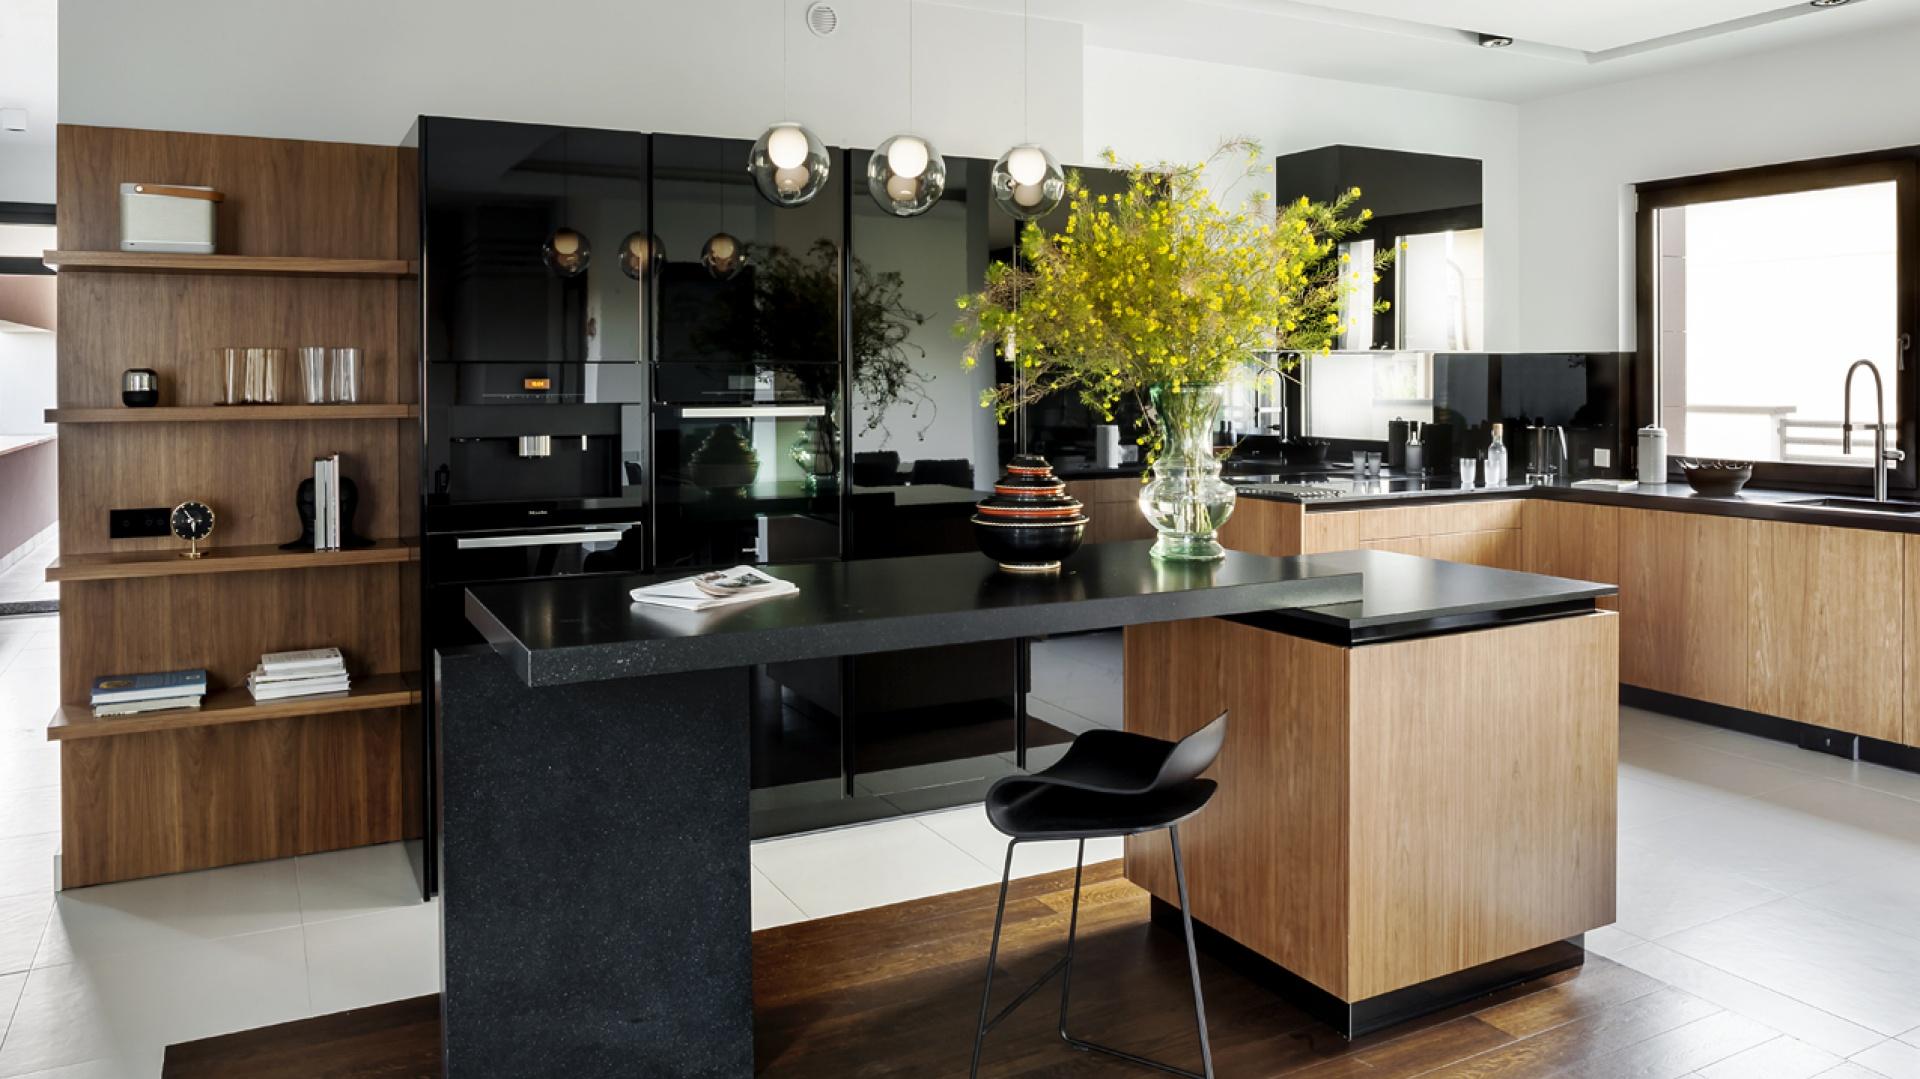 Fronty w wysokim połysku, czarny lacobel nad blatem oraz czarny blat stanowią wysmakowaną kompozycję z fornirowanymi elementami zabudowy oraz drewnianą podłogą. Fot. Zajc Kuchnie, kuchnia Z1.